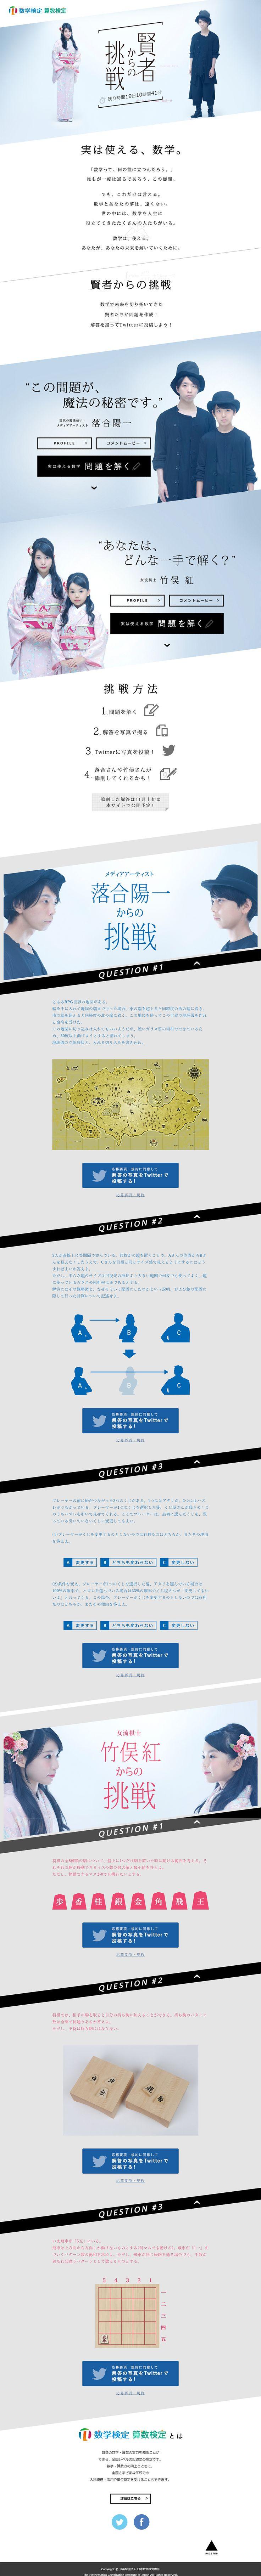 公益財団法人 日本数学検定協会様の「賢者からの挑戦」のランディングページ(LP)シンプル系|学び・教材 #LP #ランディングページ #ランペ #賢者からの挑戦